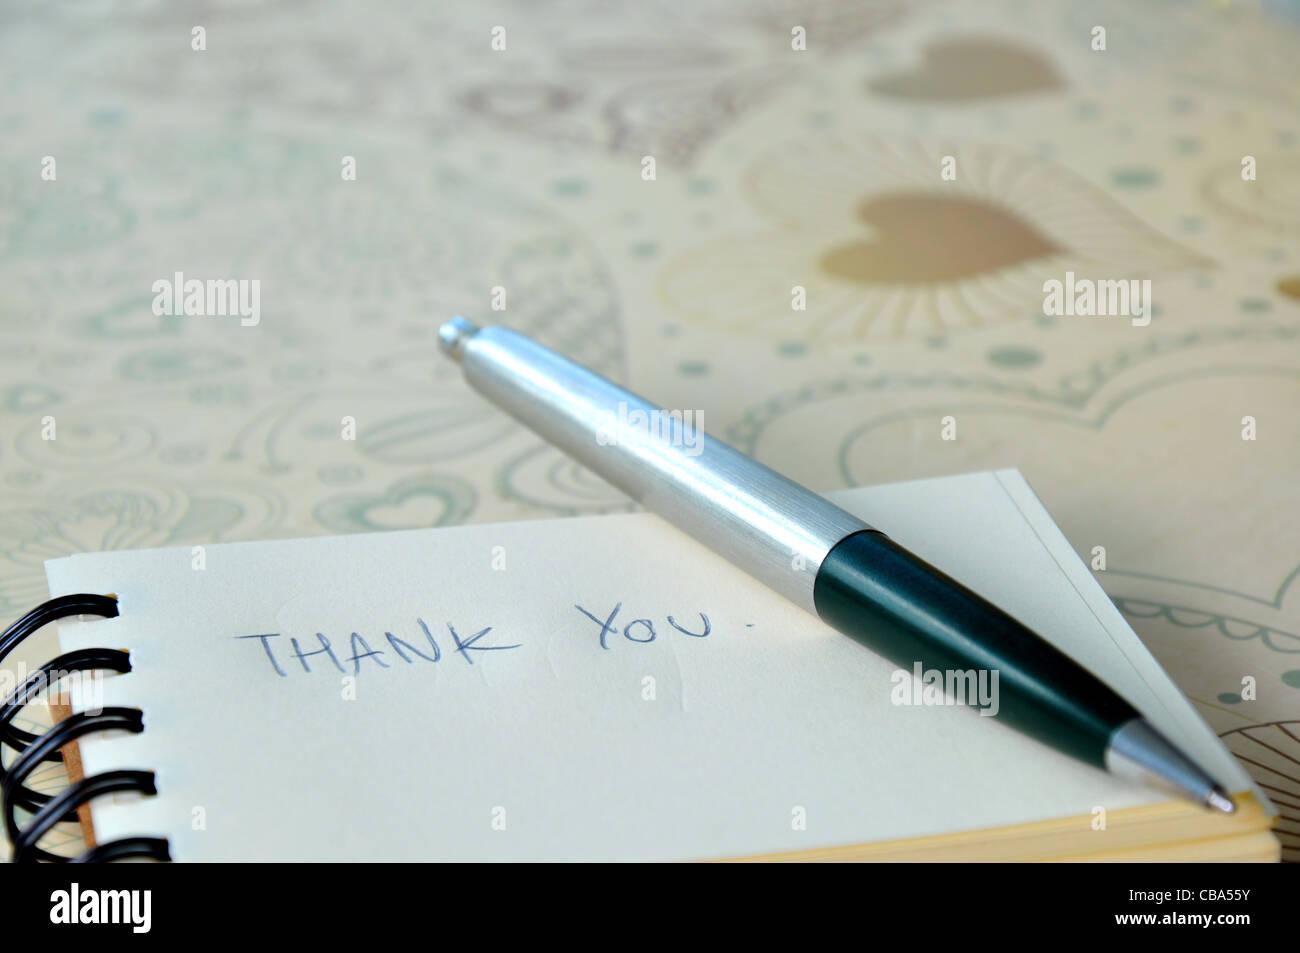 Dire merci avec un message texte sur papier et stylo Photo Stock